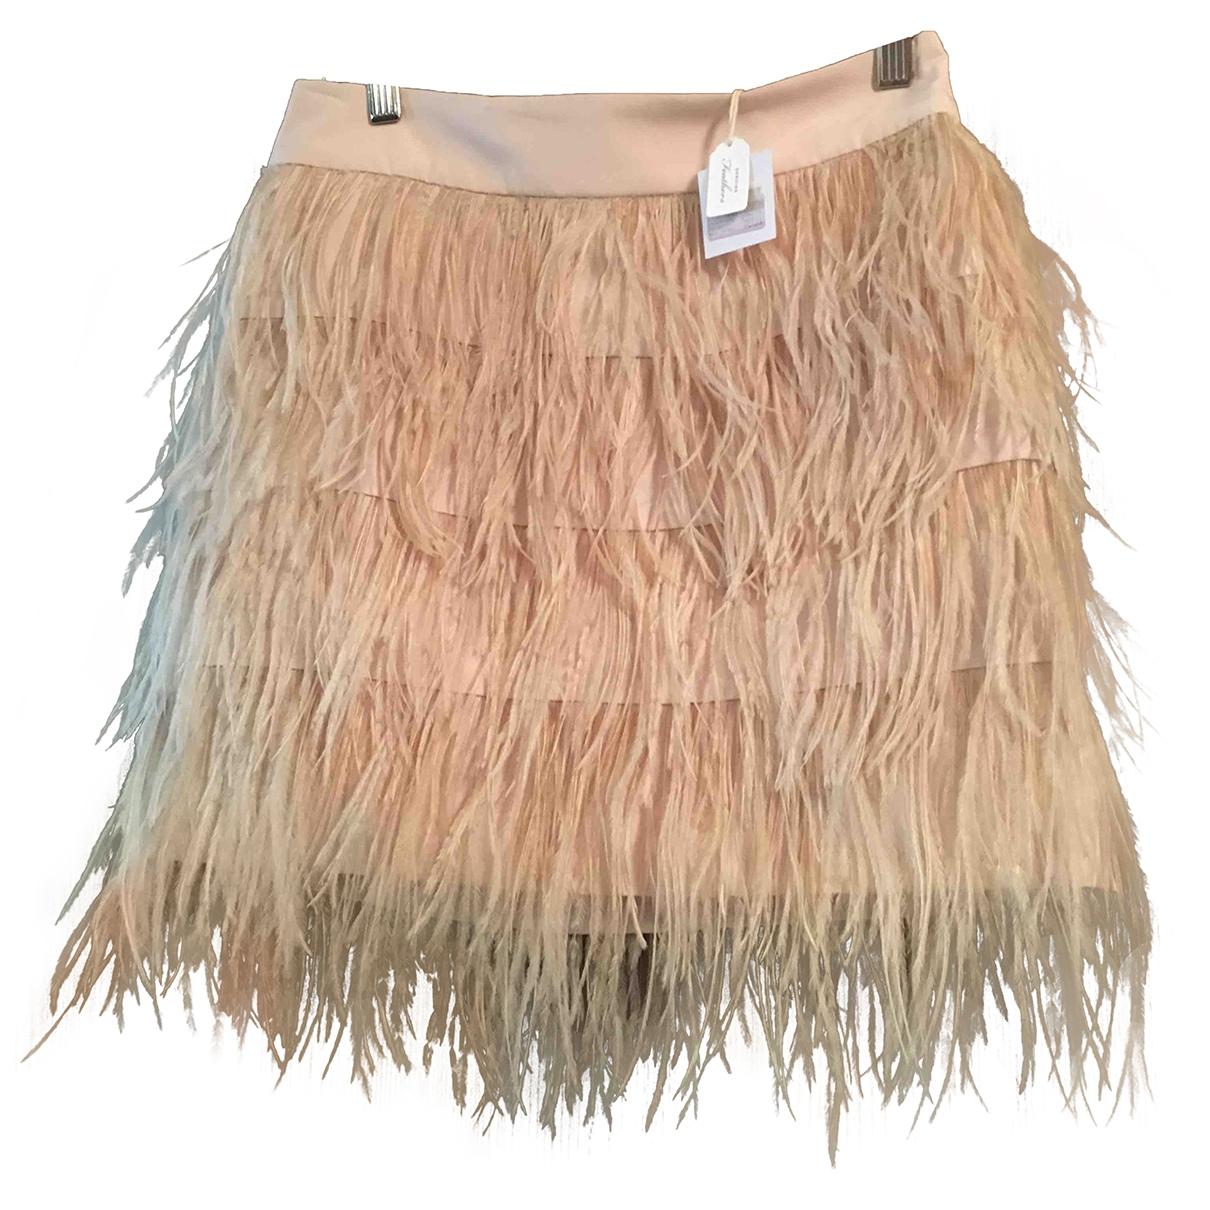 Mini falda de Seda Club Monaco